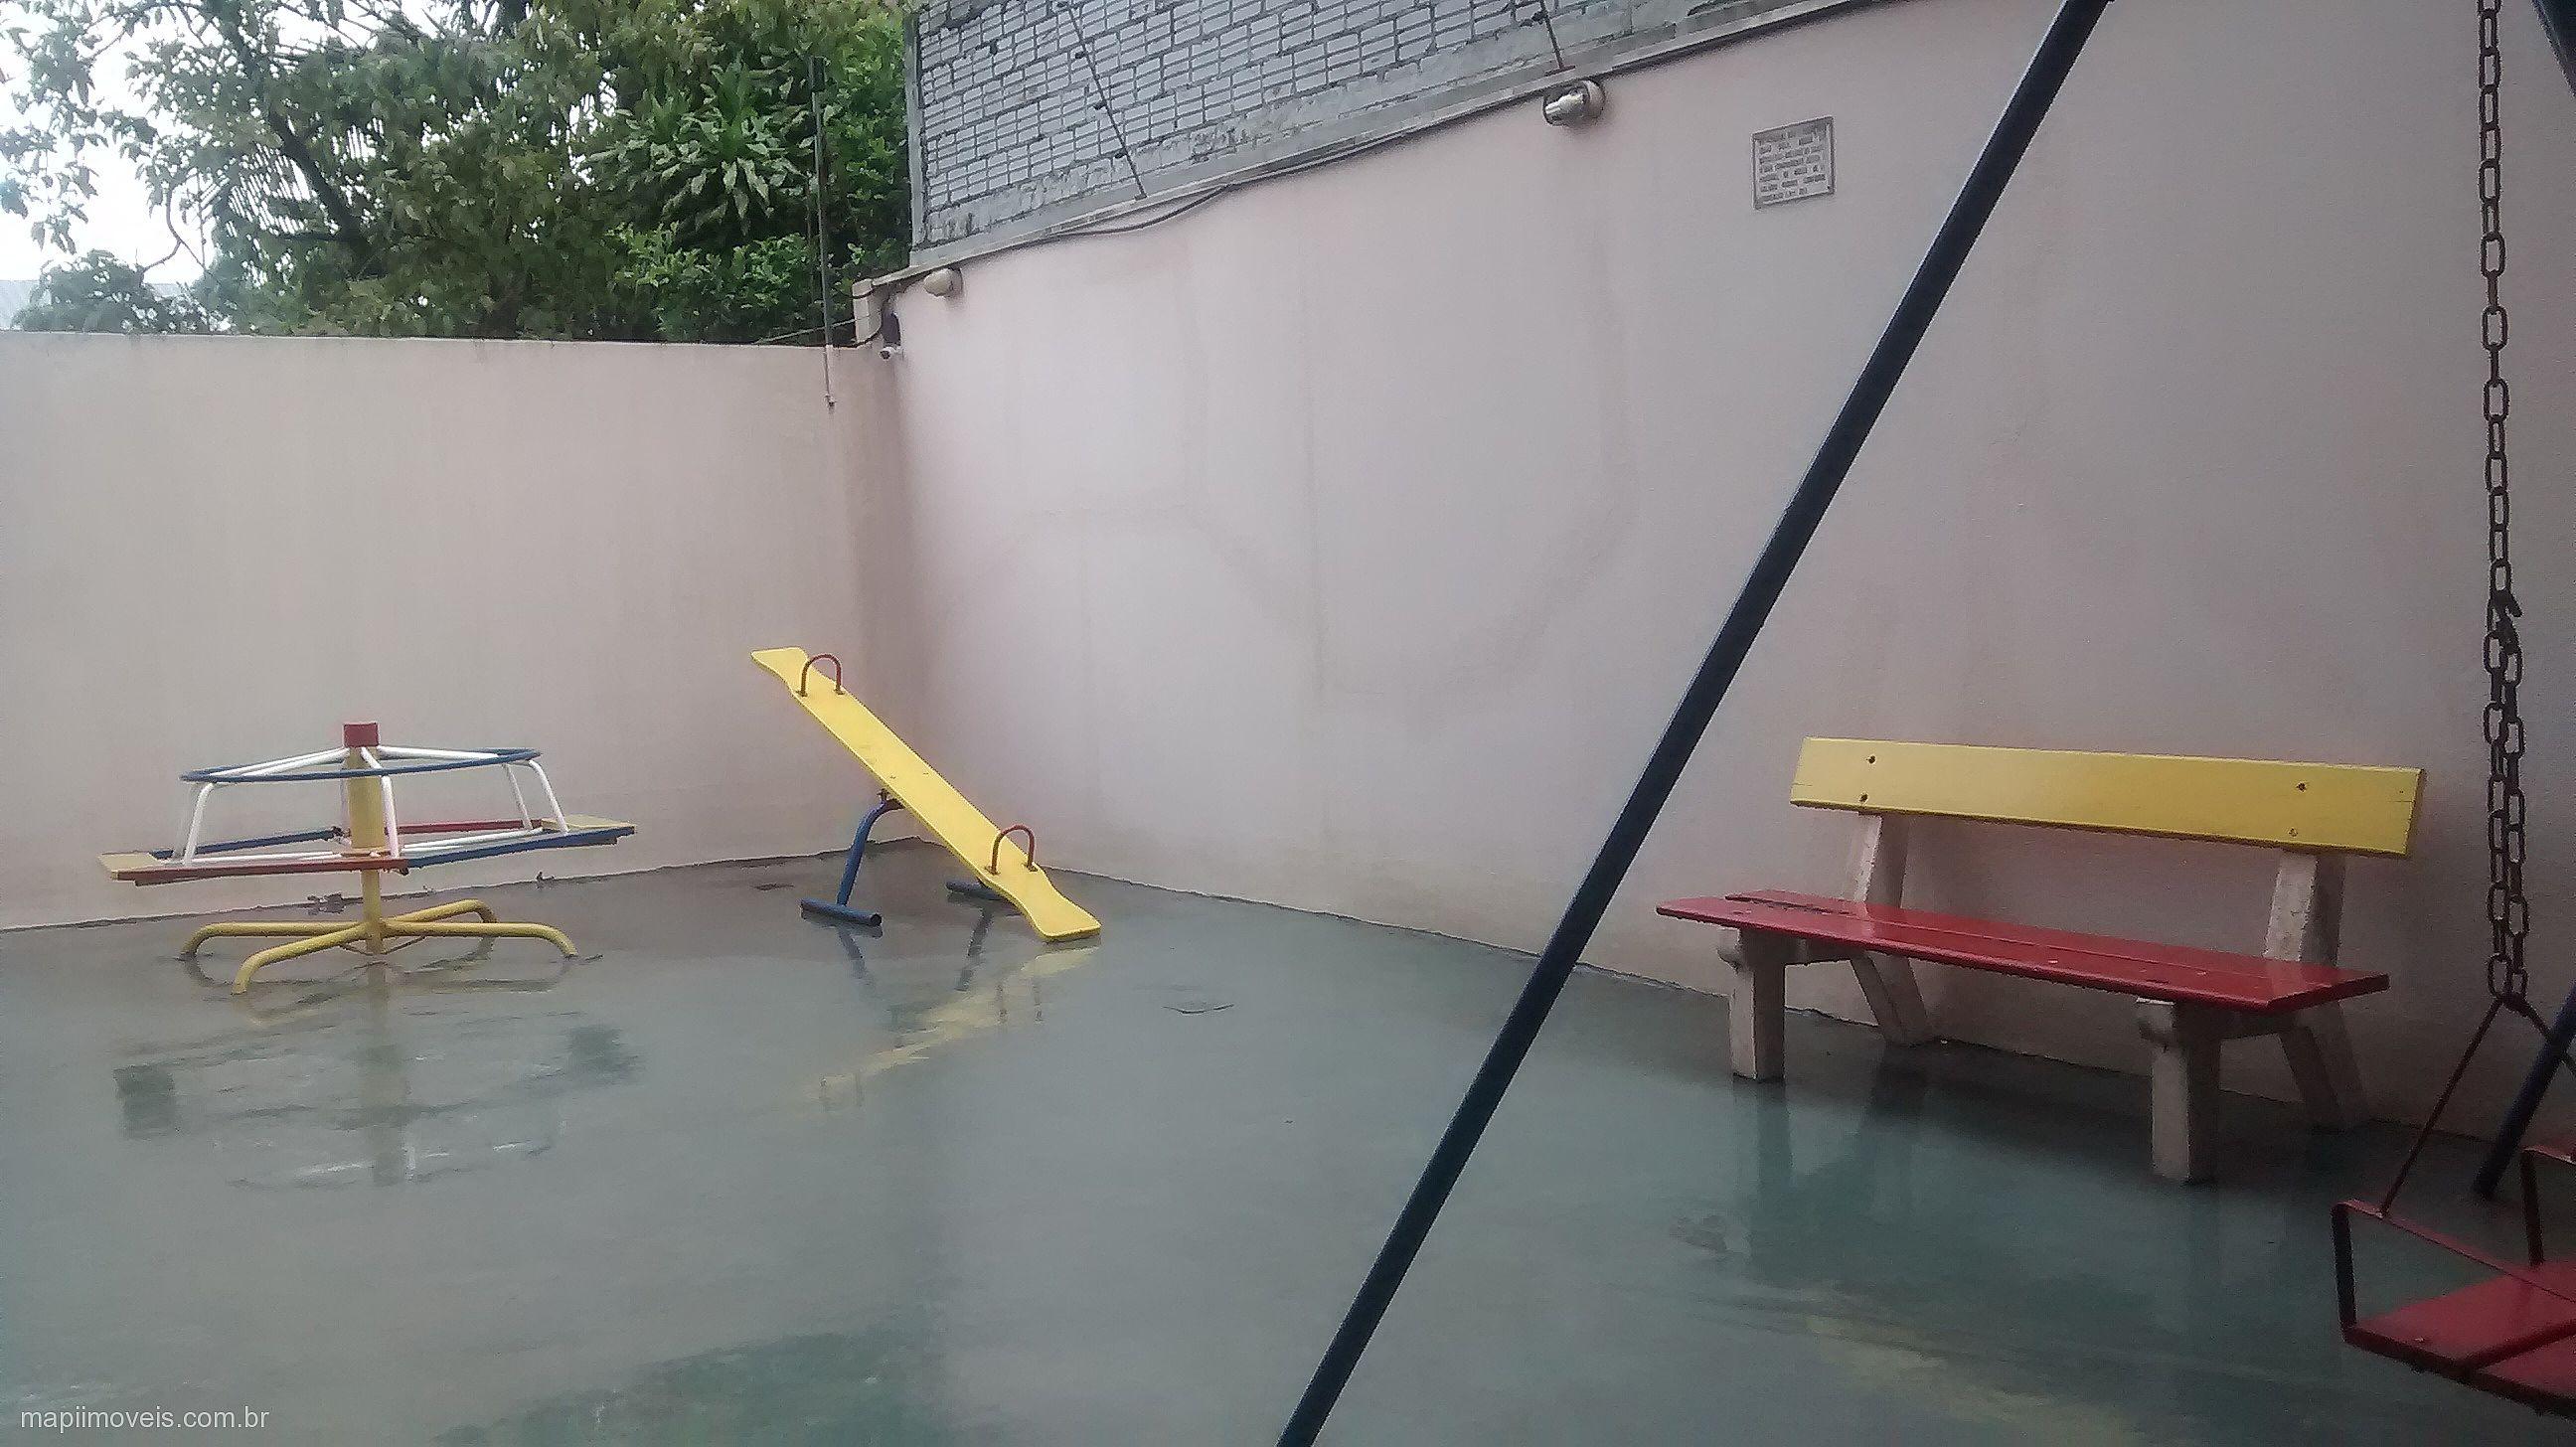 Mapi Imóveis - Apto 2 Dorm, Rio Branco (285477) - Foto 2